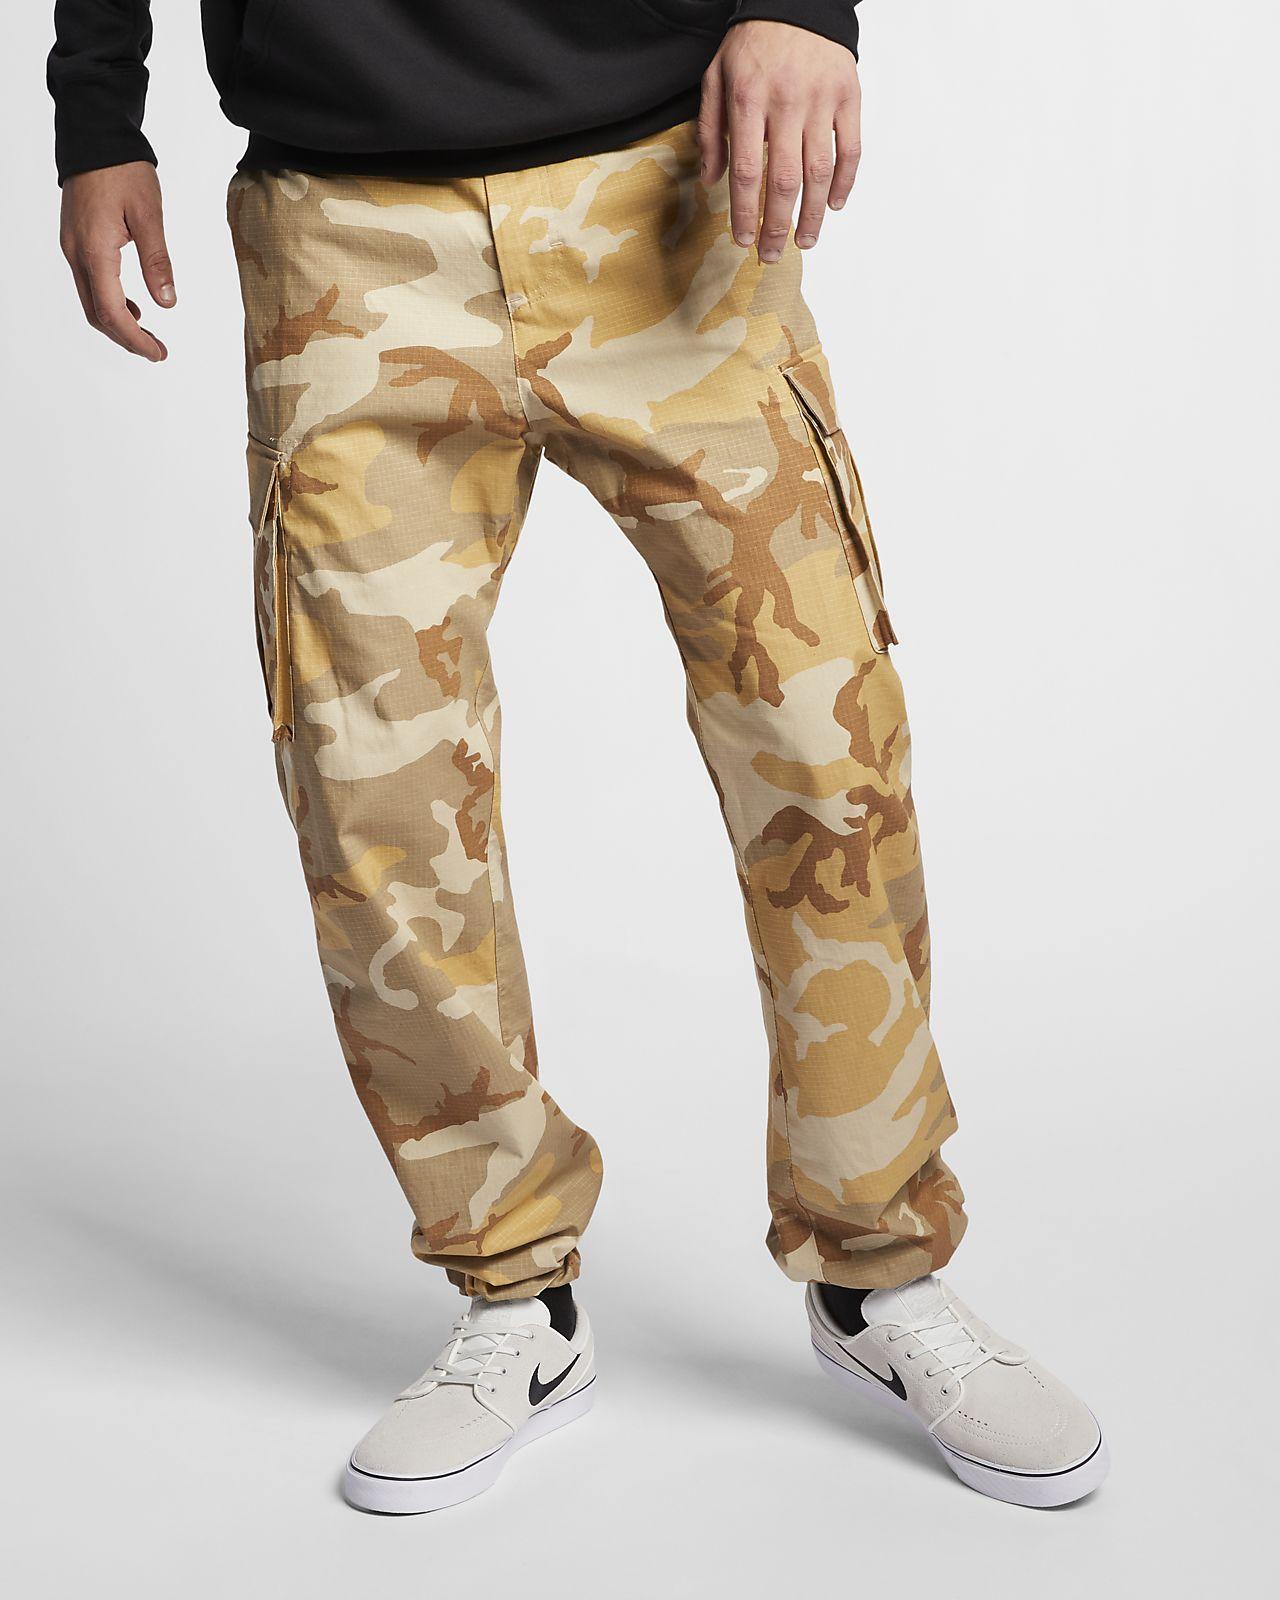 c369412a22c Nike SB Flex FTM Camo Skate Trousers. Nike.com IE